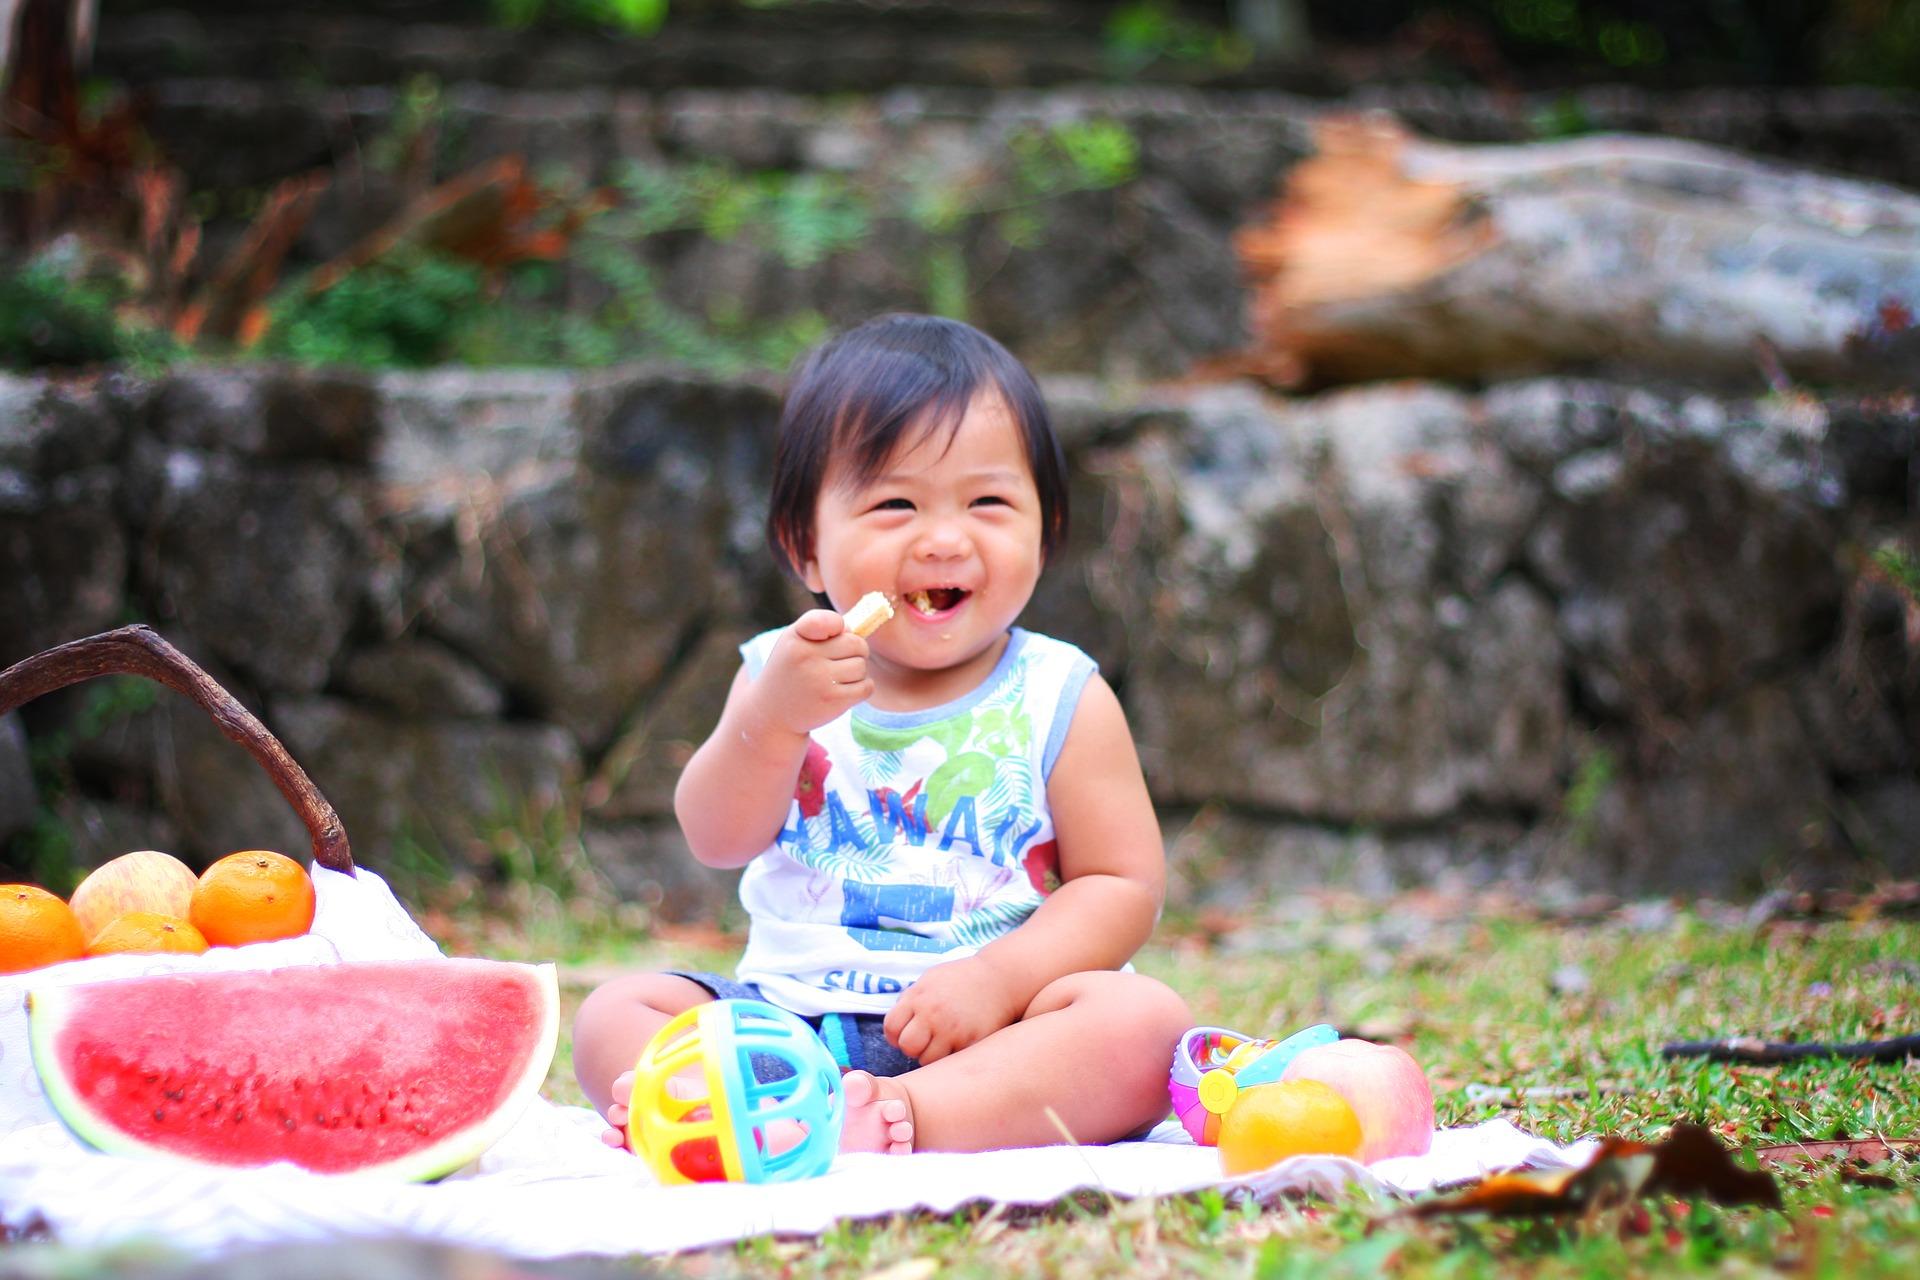 Śniadanie dla rocznego dziecka